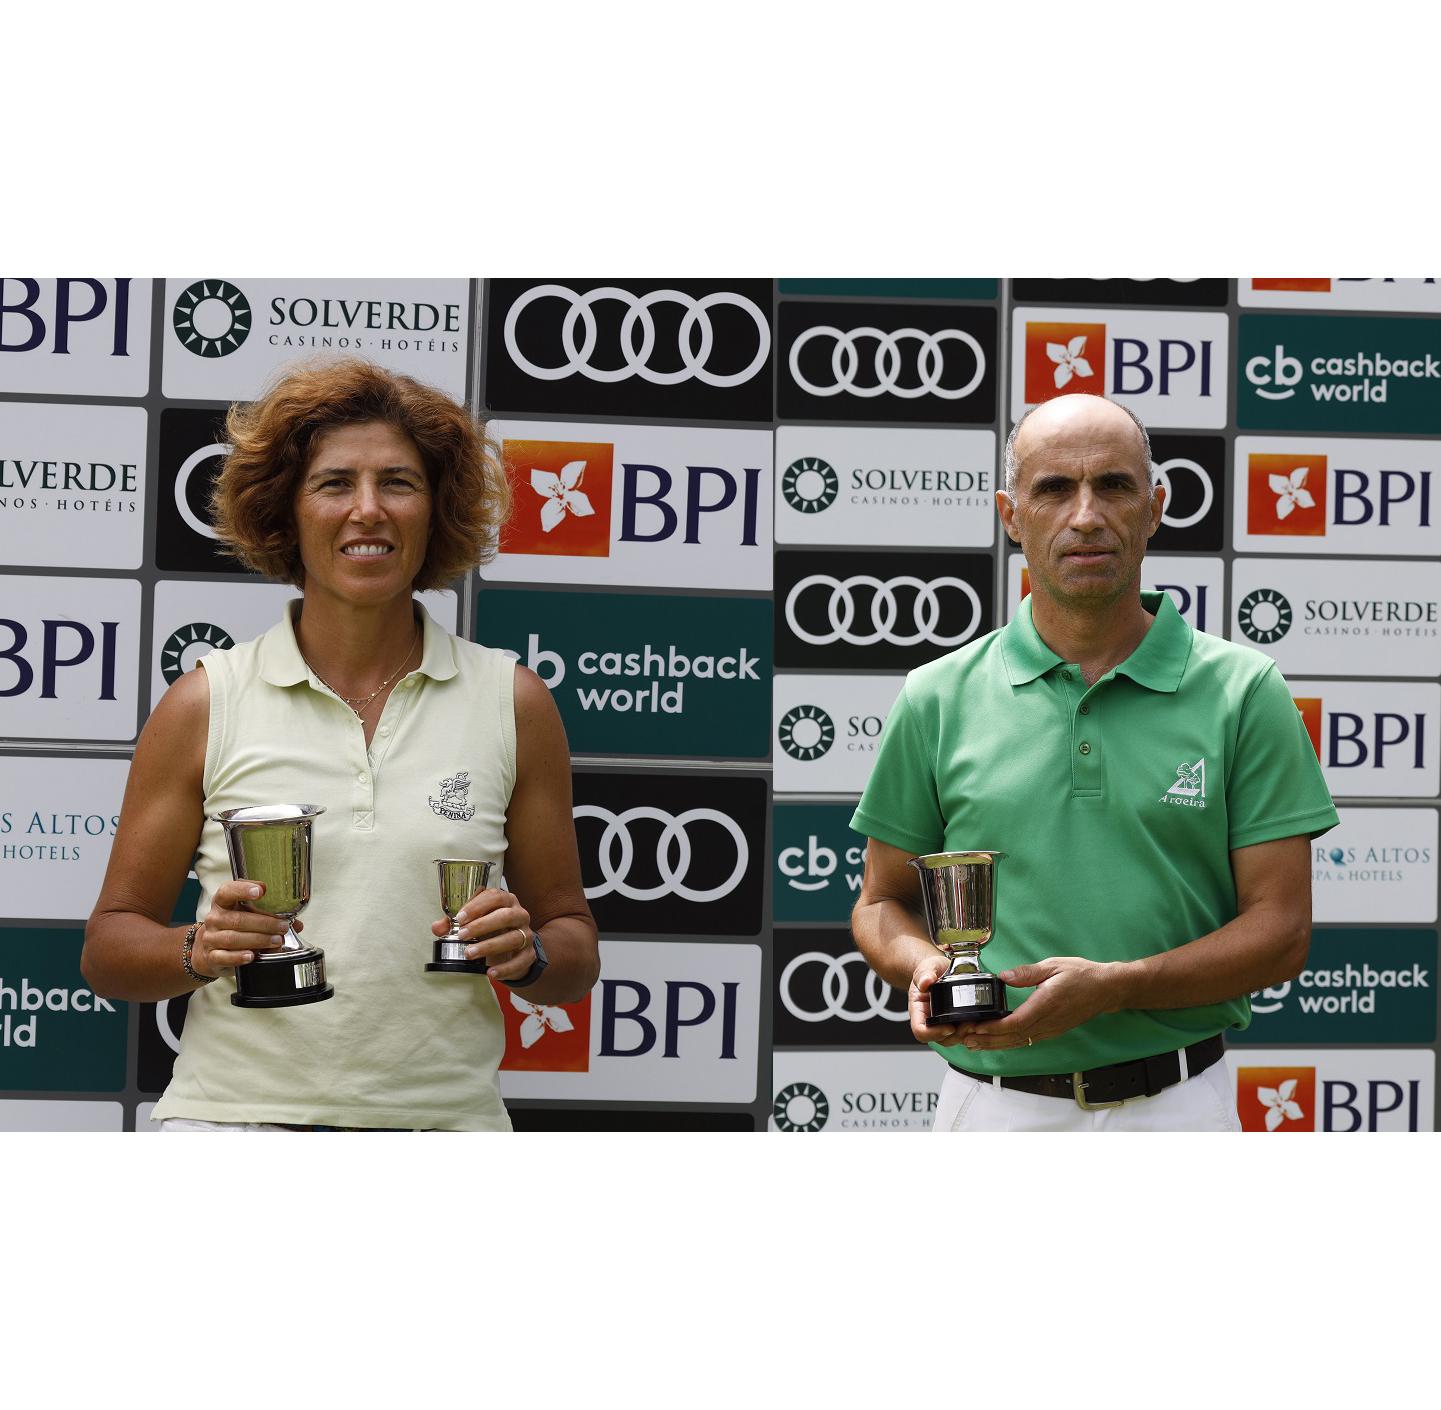 Campeonato Nacional de Seniores dá títulos a Marta Lampreia e Sérgio Pereira